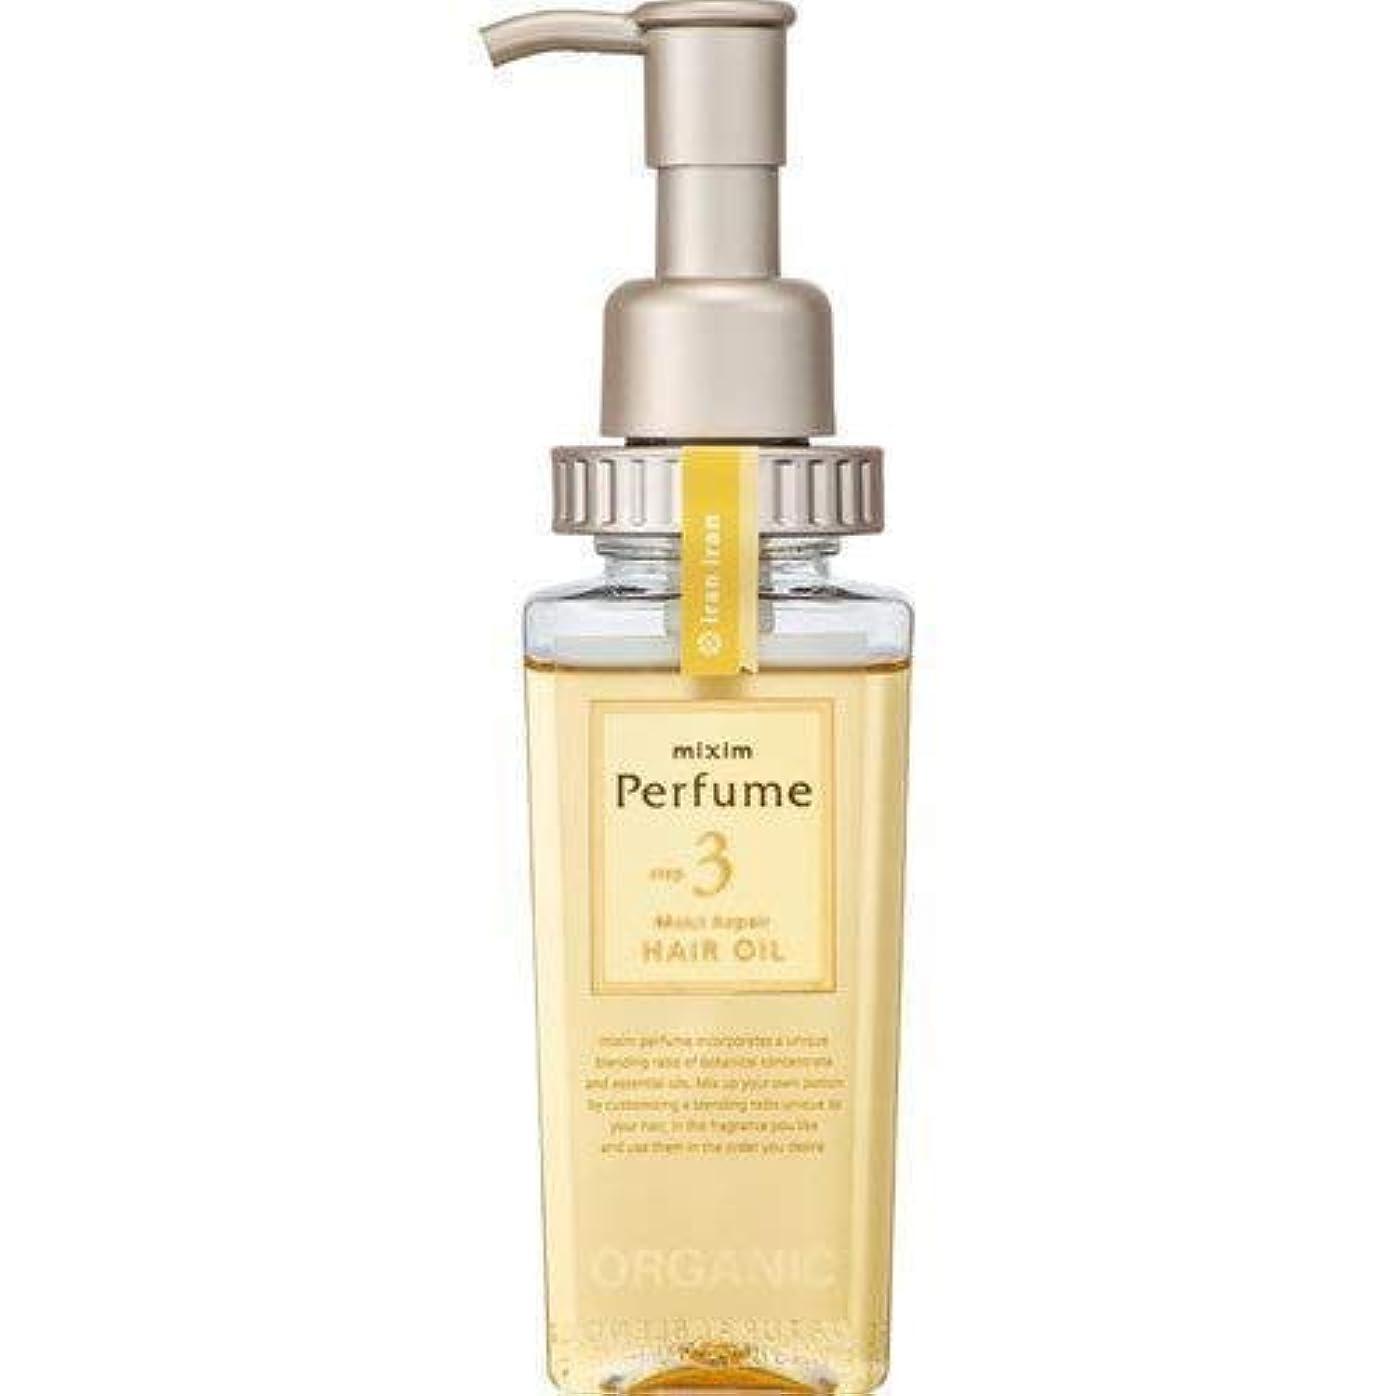 早く外側工業化するmixim Perfume(ミクシムパフューム) モイストリペア ヘアオイル 100mL